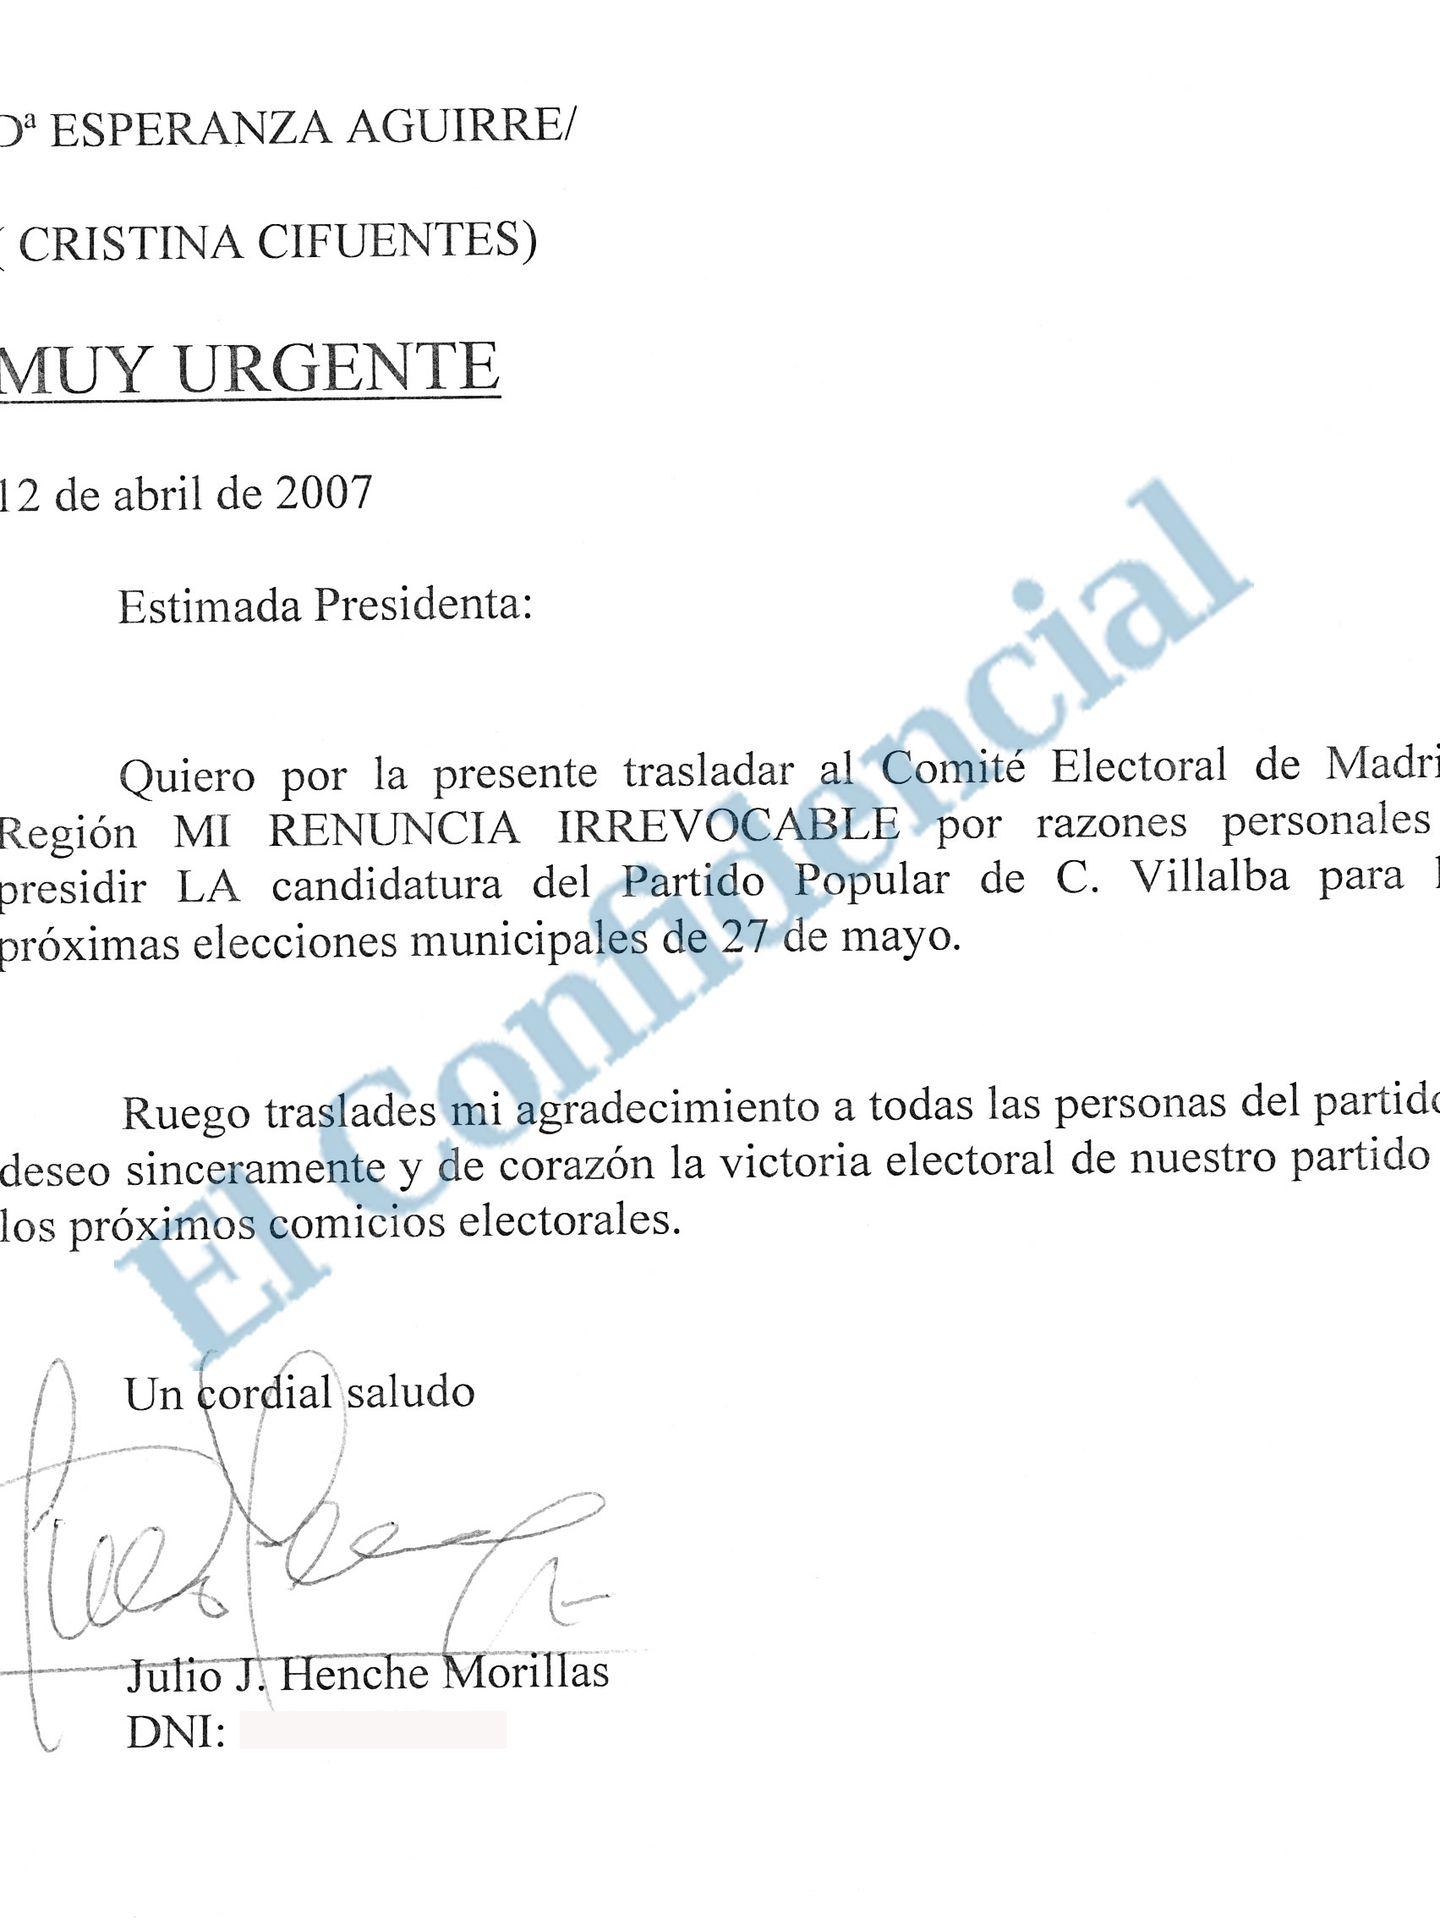 Pinche aquí para ver la carta de renuncia de Julio Henche.